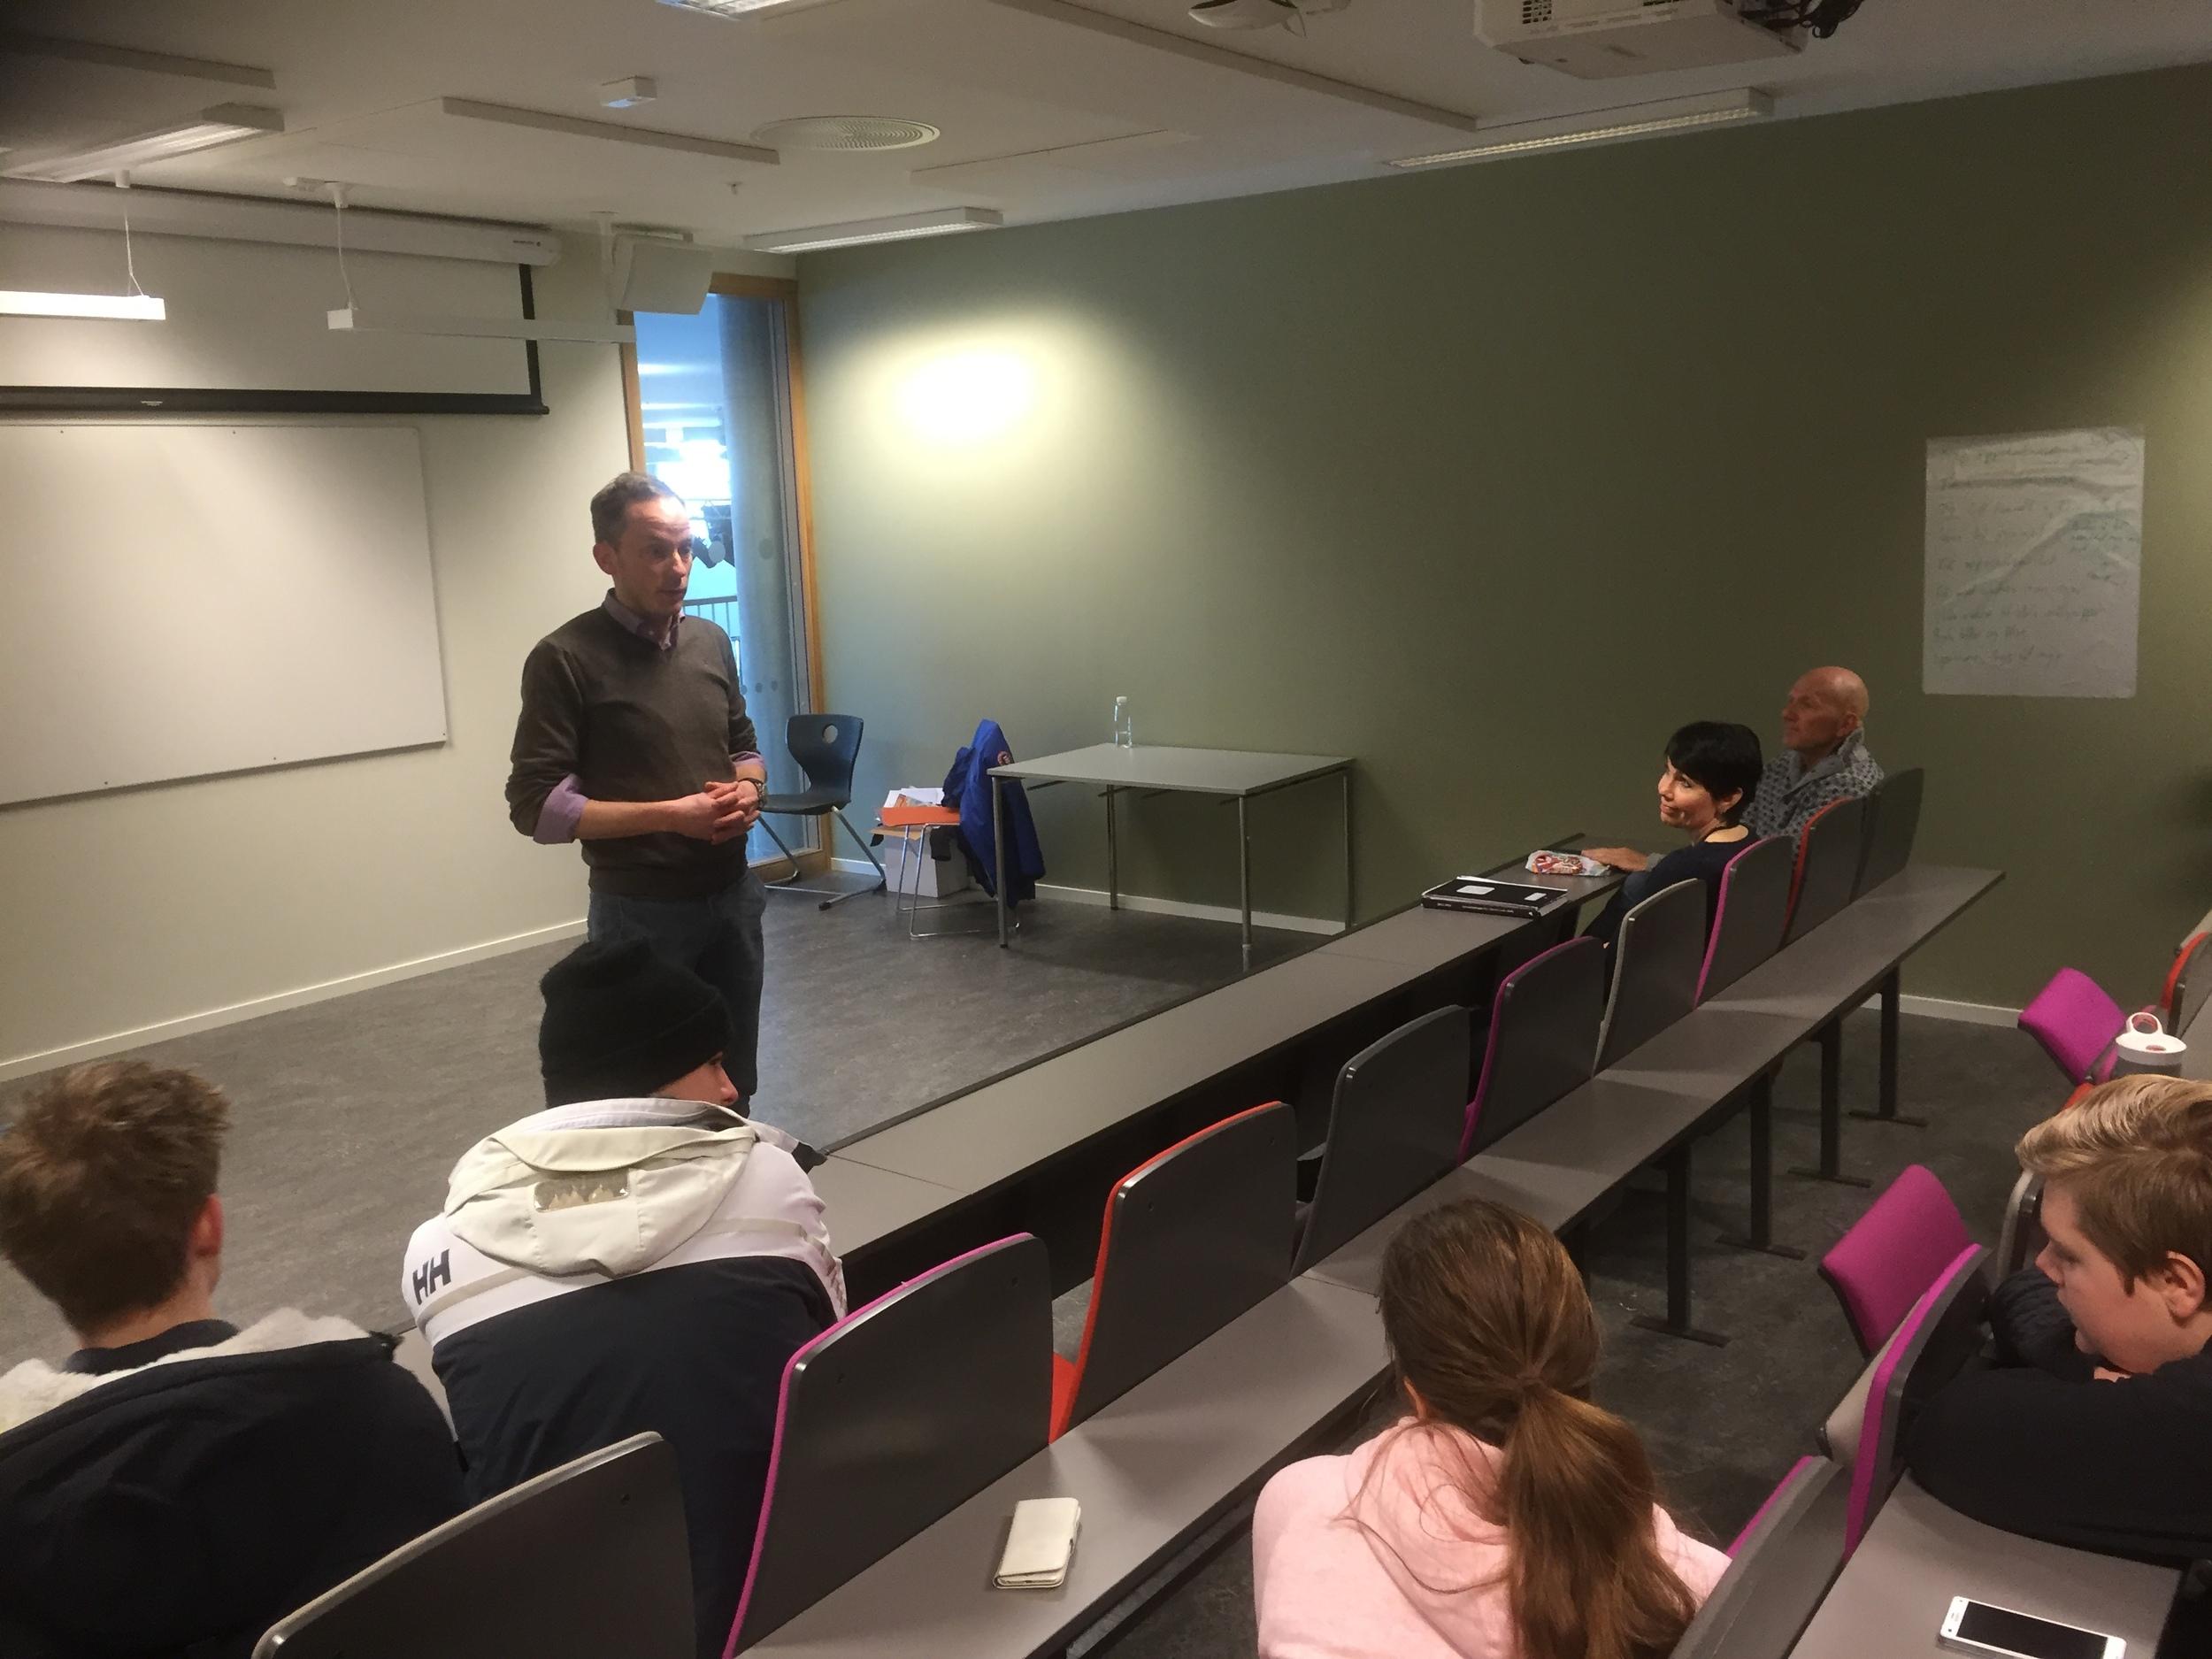 FIS er viktig sier medie-og kommunikasjons lærer Endre W. Skogrand. Det står for god forberedelse, innlevelse og språk. Gode råd å ha med seg på veien når gruppene skal presentere sine oppgaver.